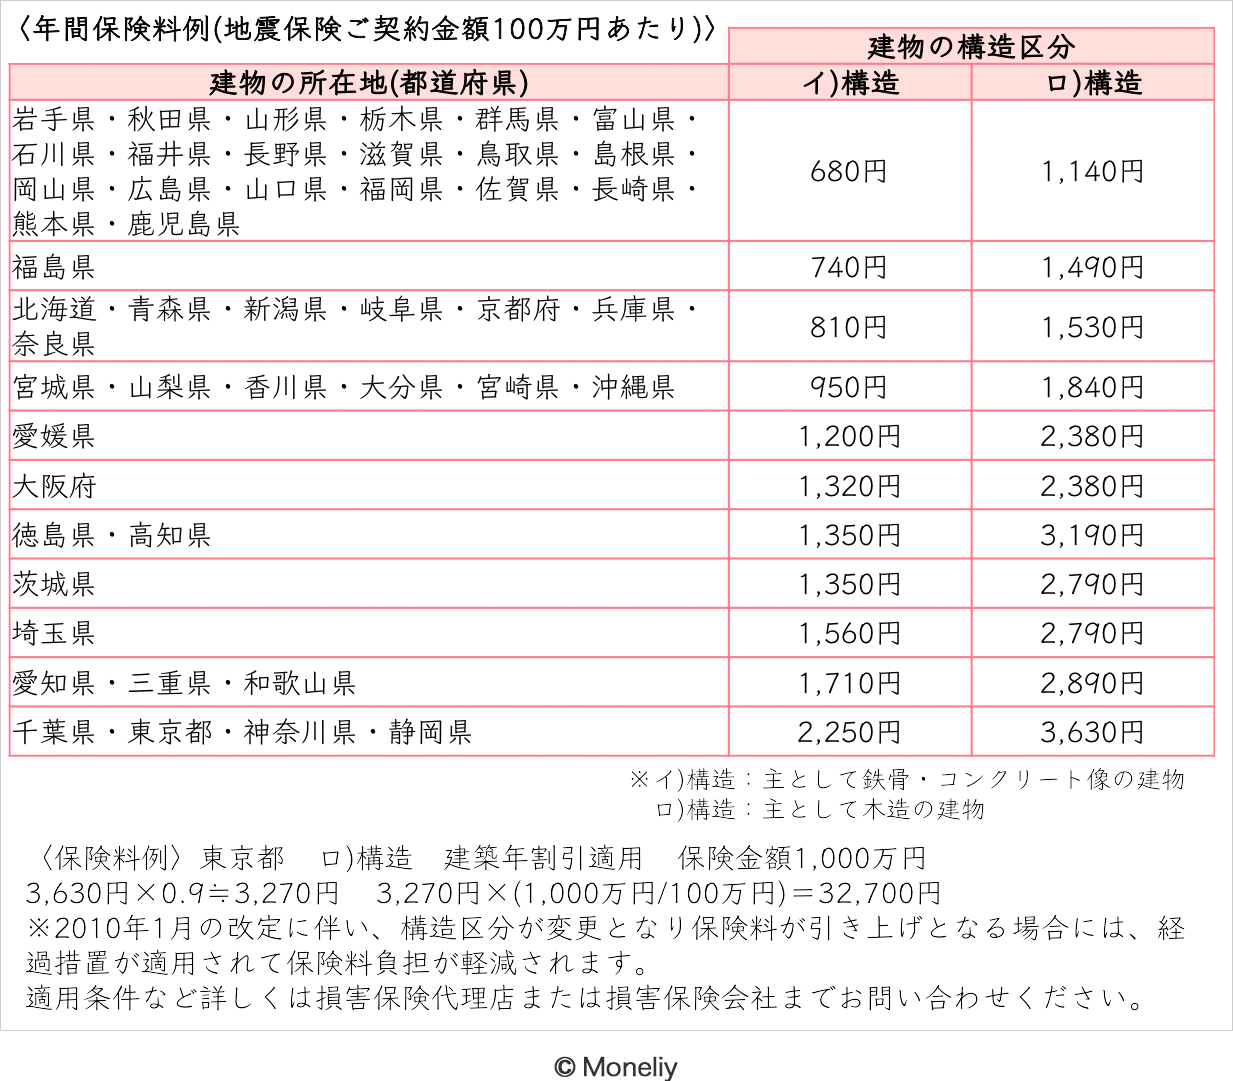 年間保険料例(地震保険ご契約金額100万年あたり)